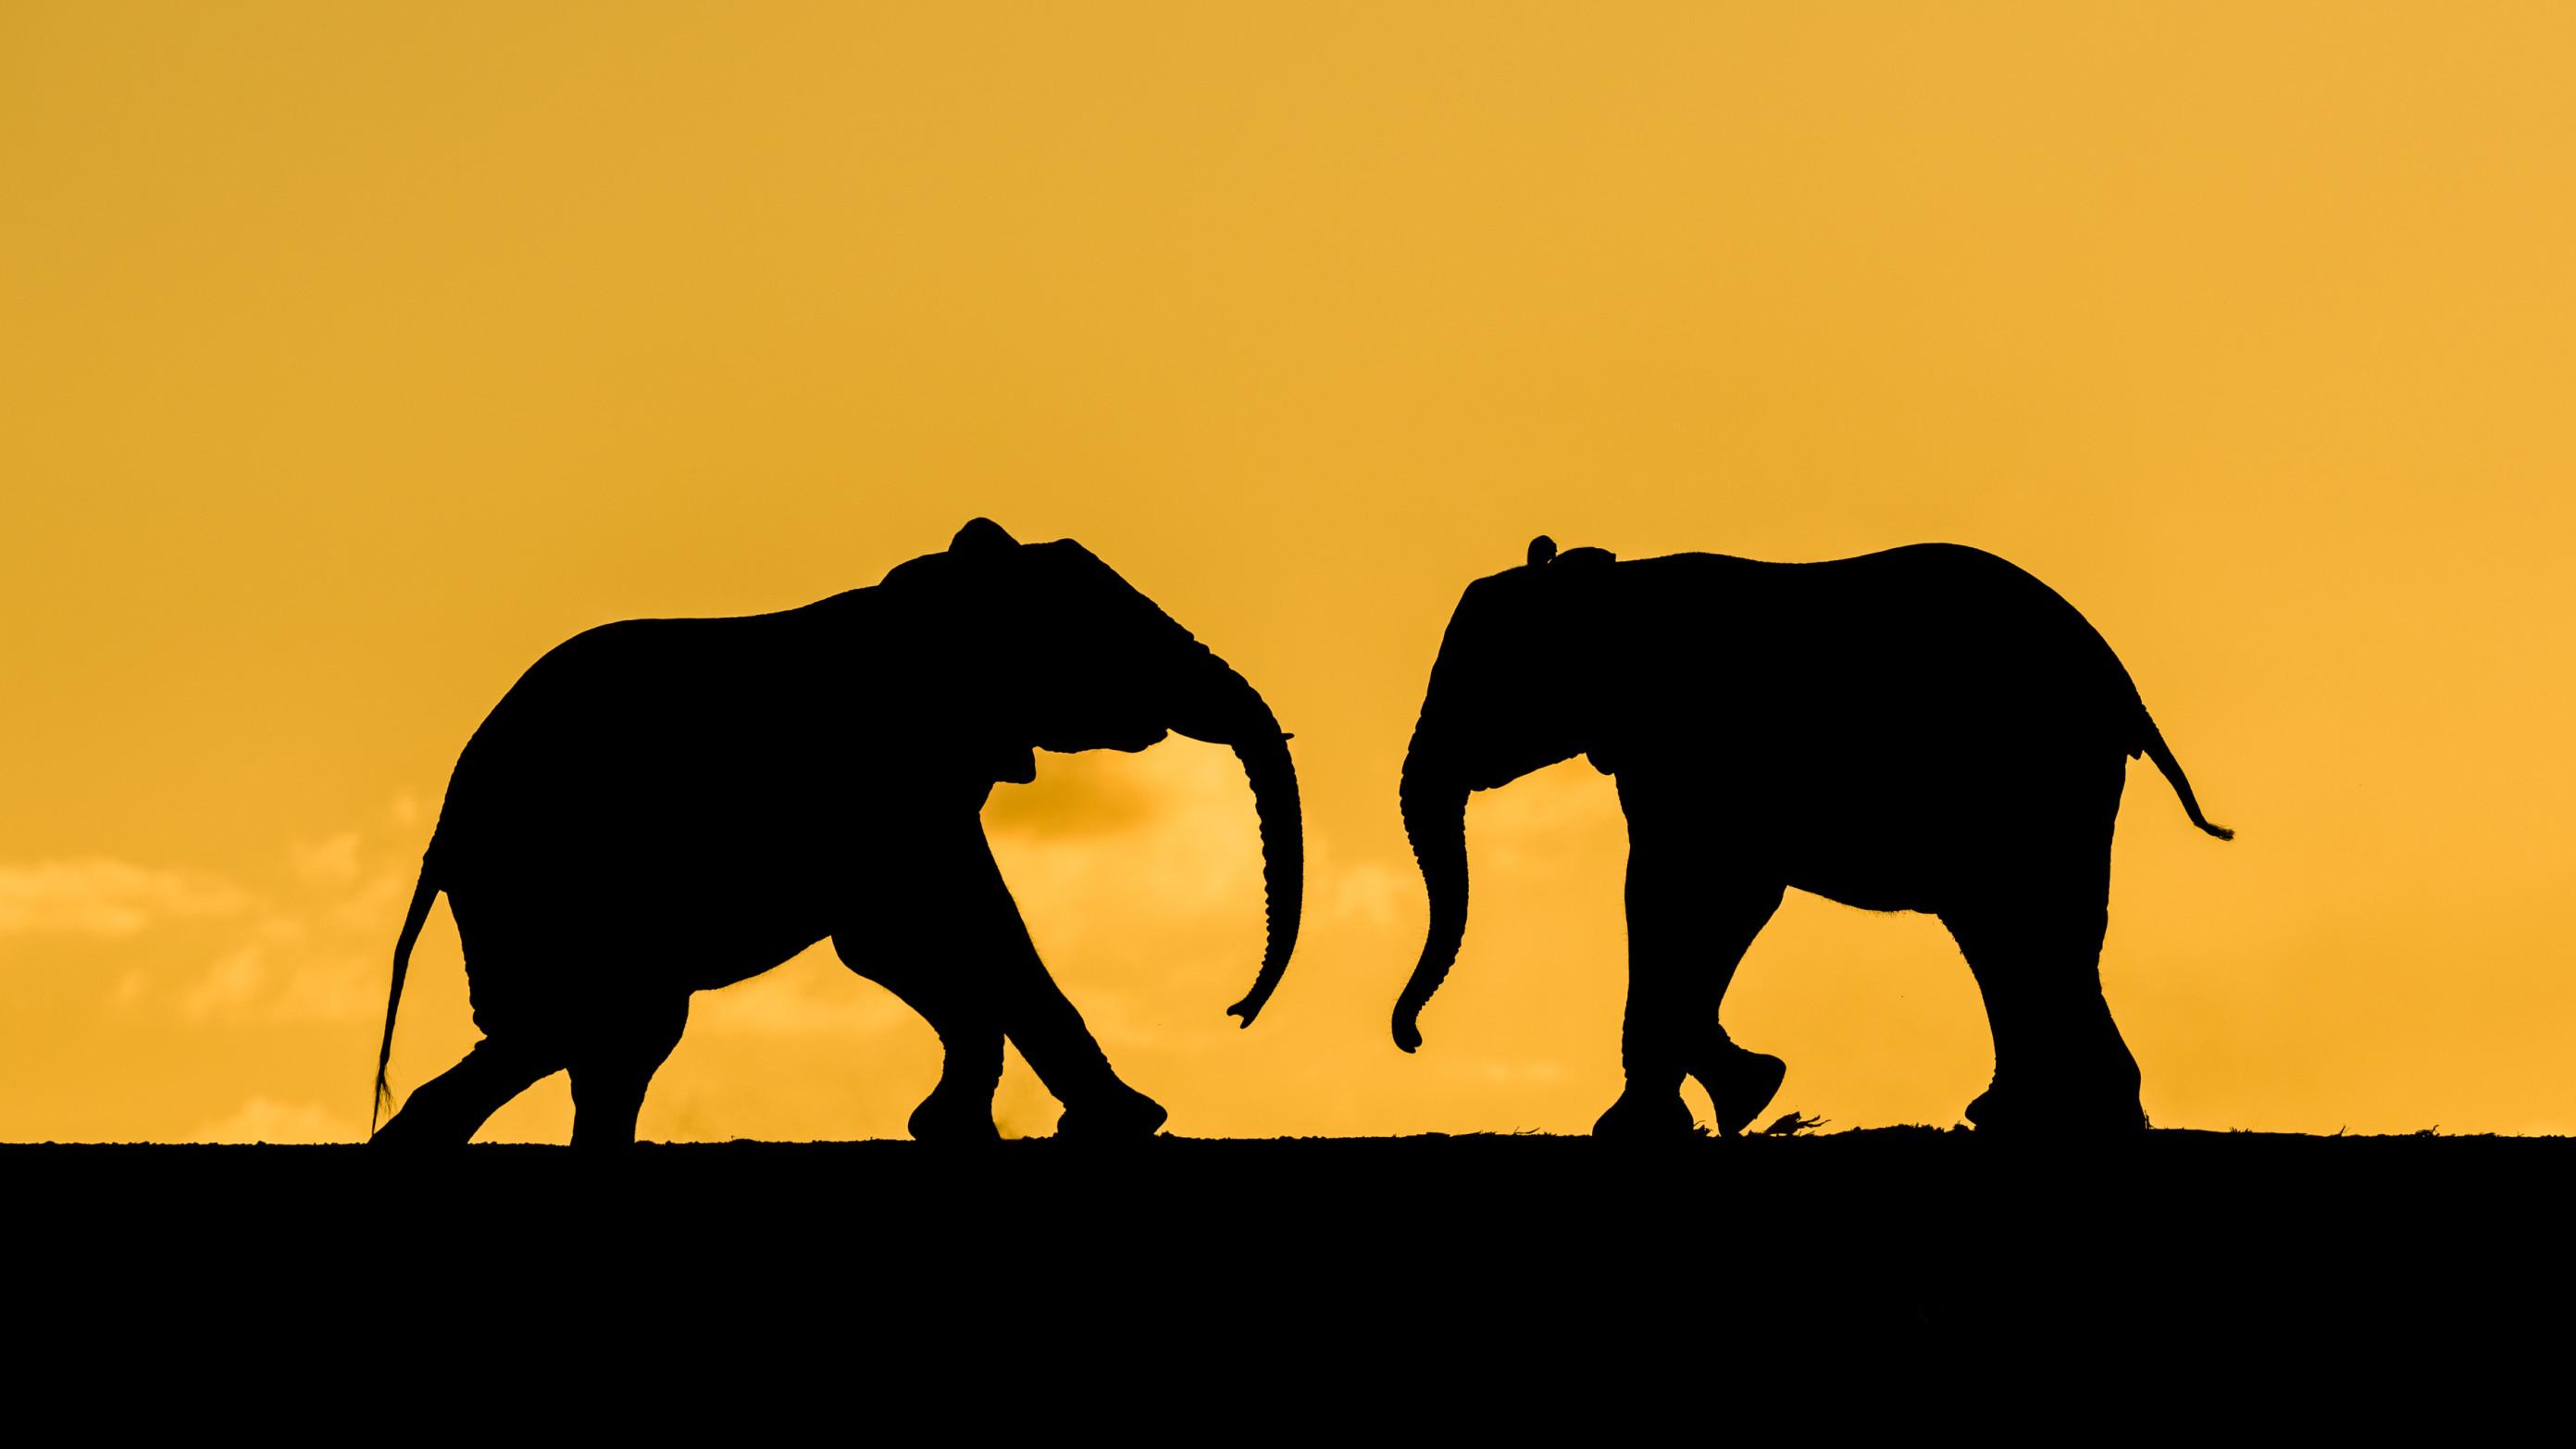 wildlife zimanga 5354